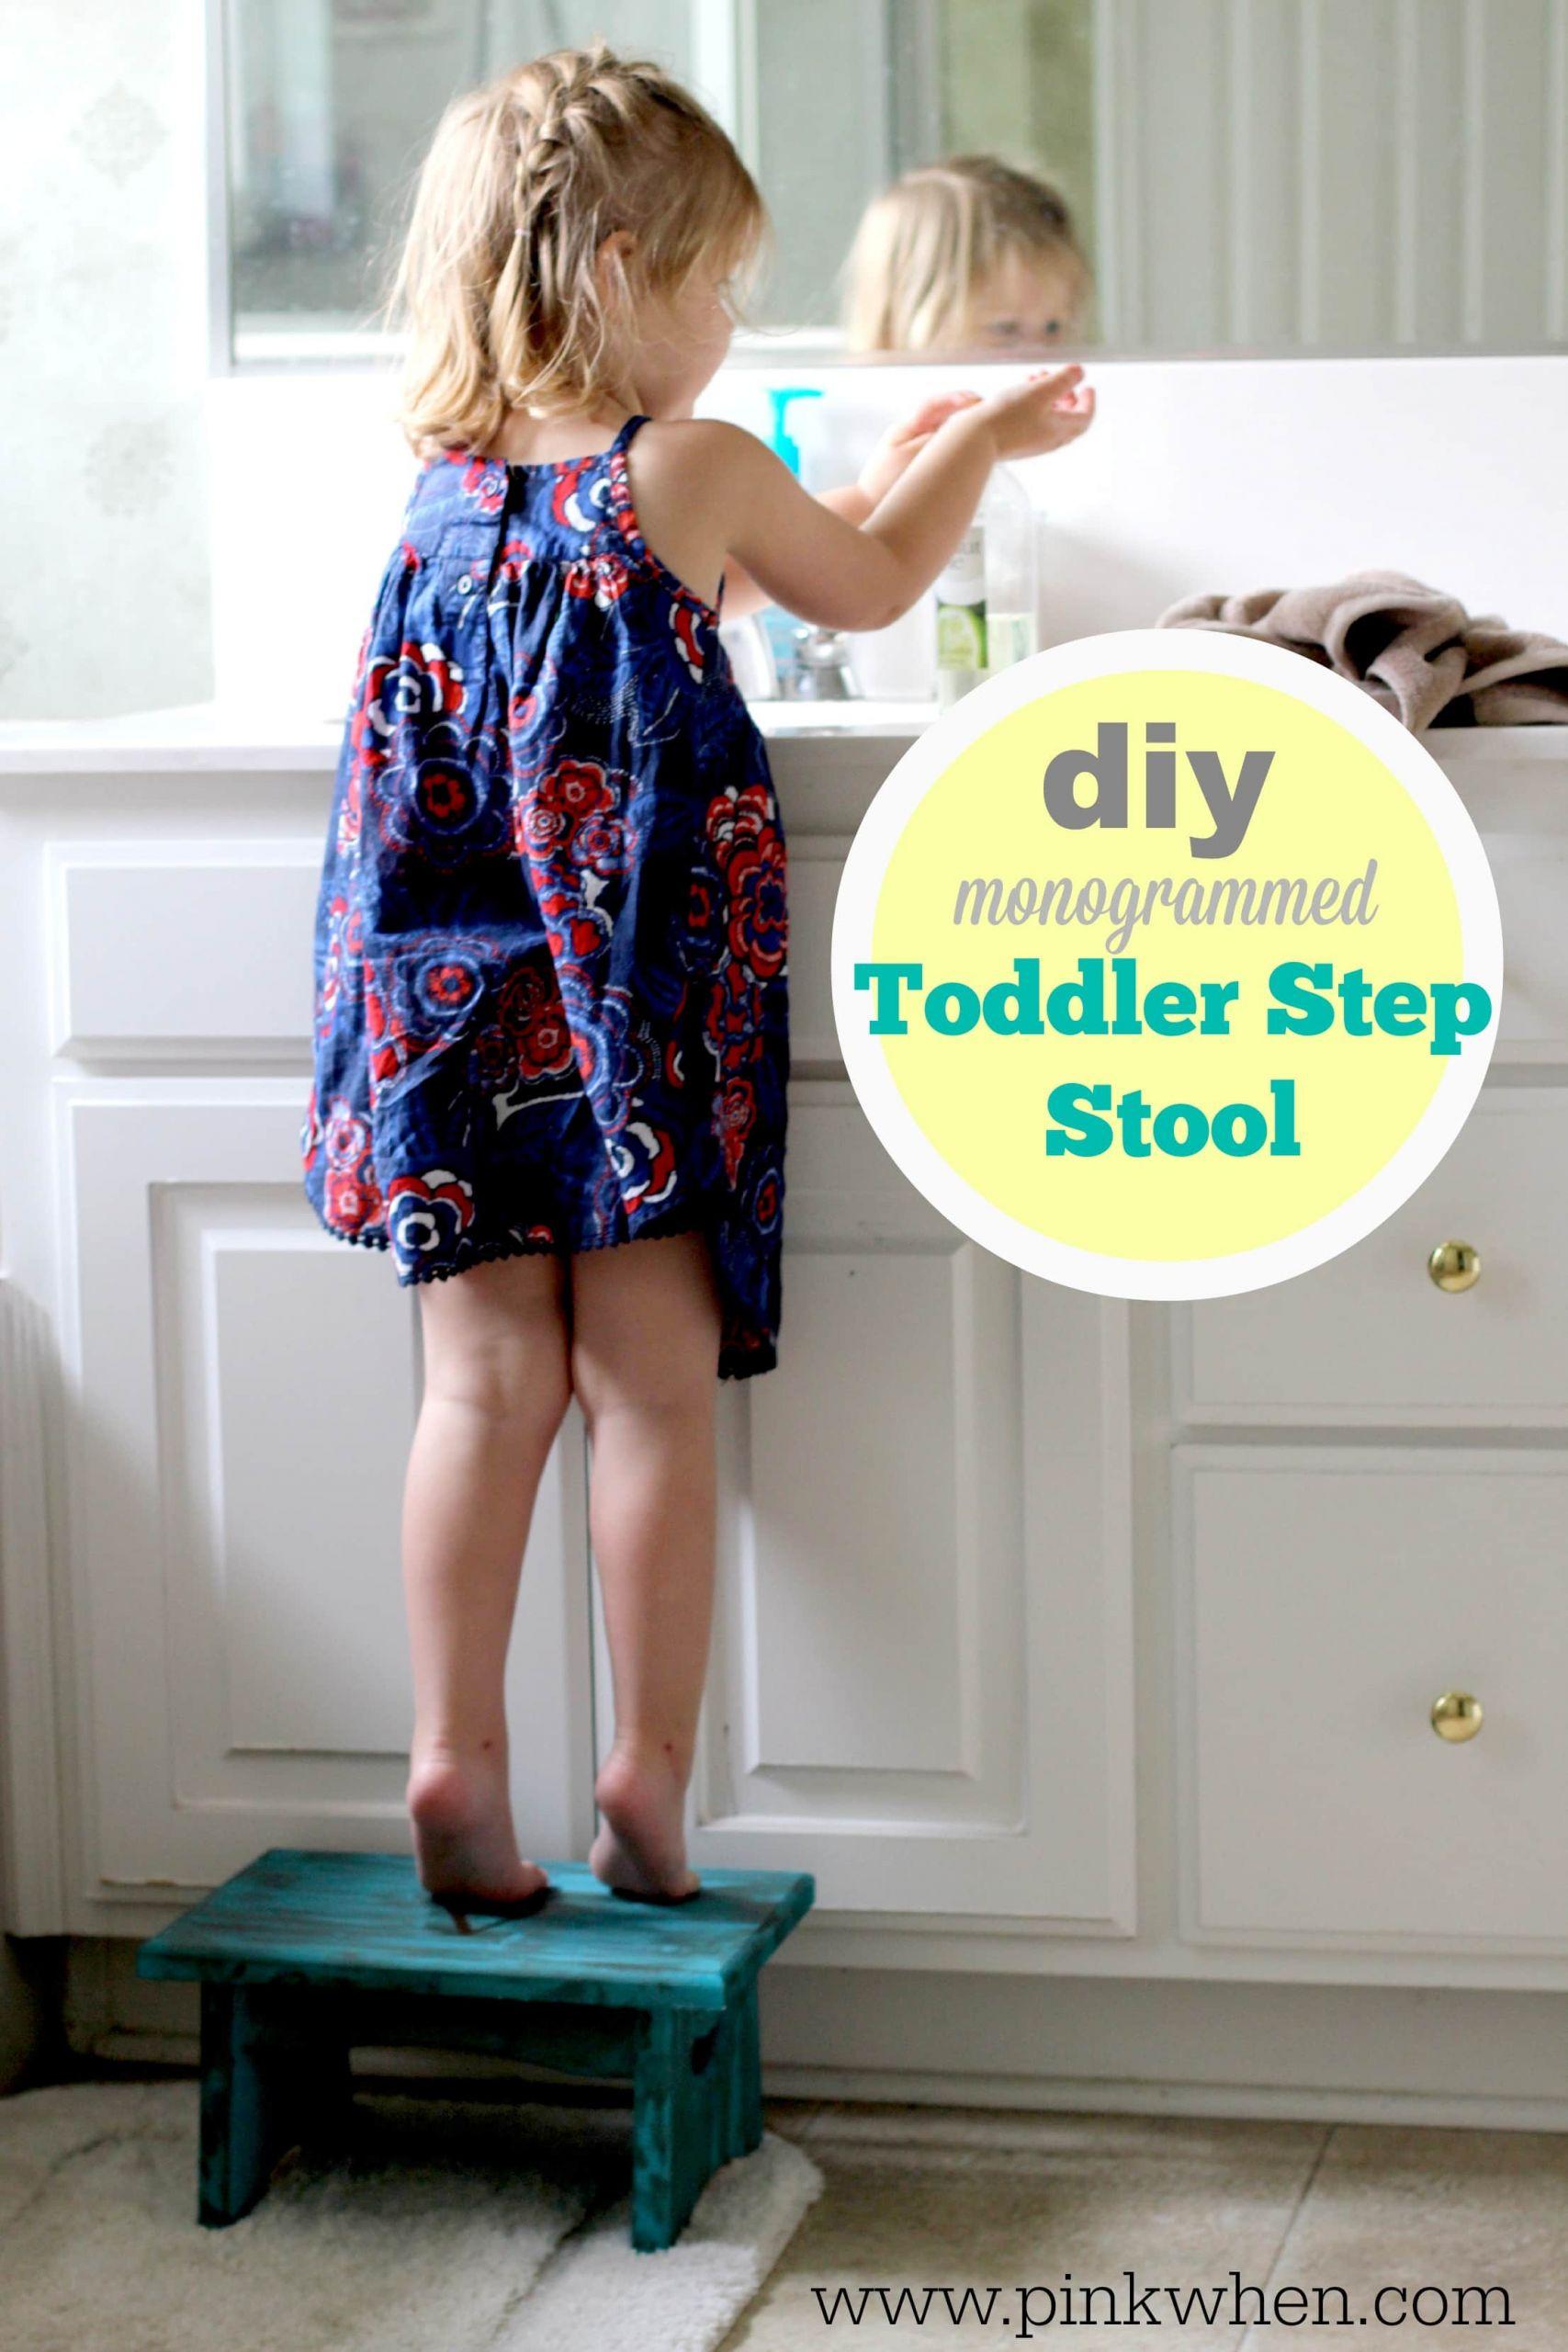 DIY Toddler Step Stool  DIY Toddler Step Stool PinkWhen